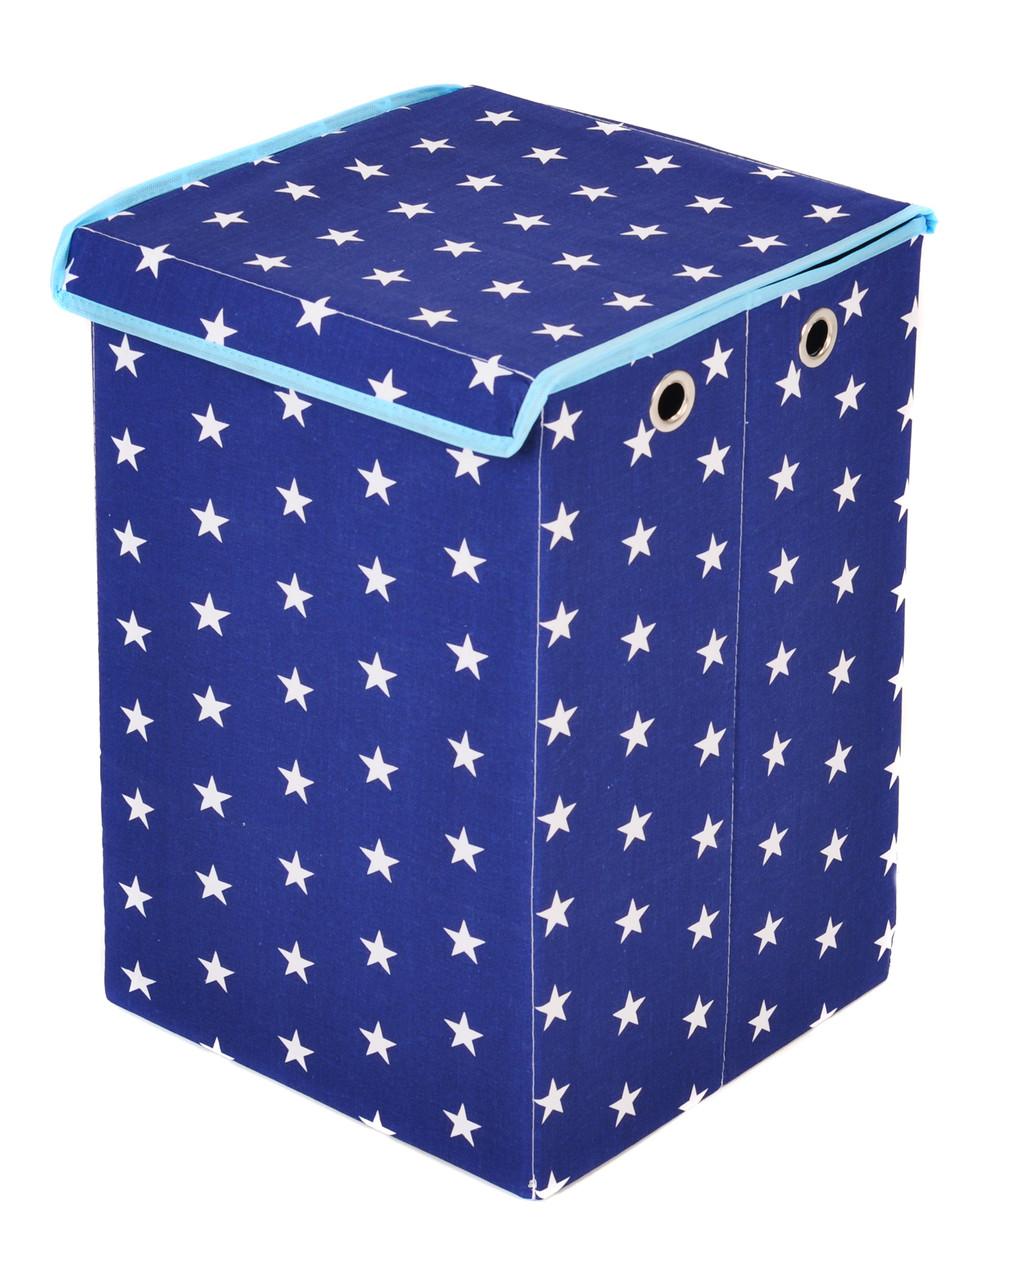 Детский ящик для игрушек Звезды на синем, 35*35 см